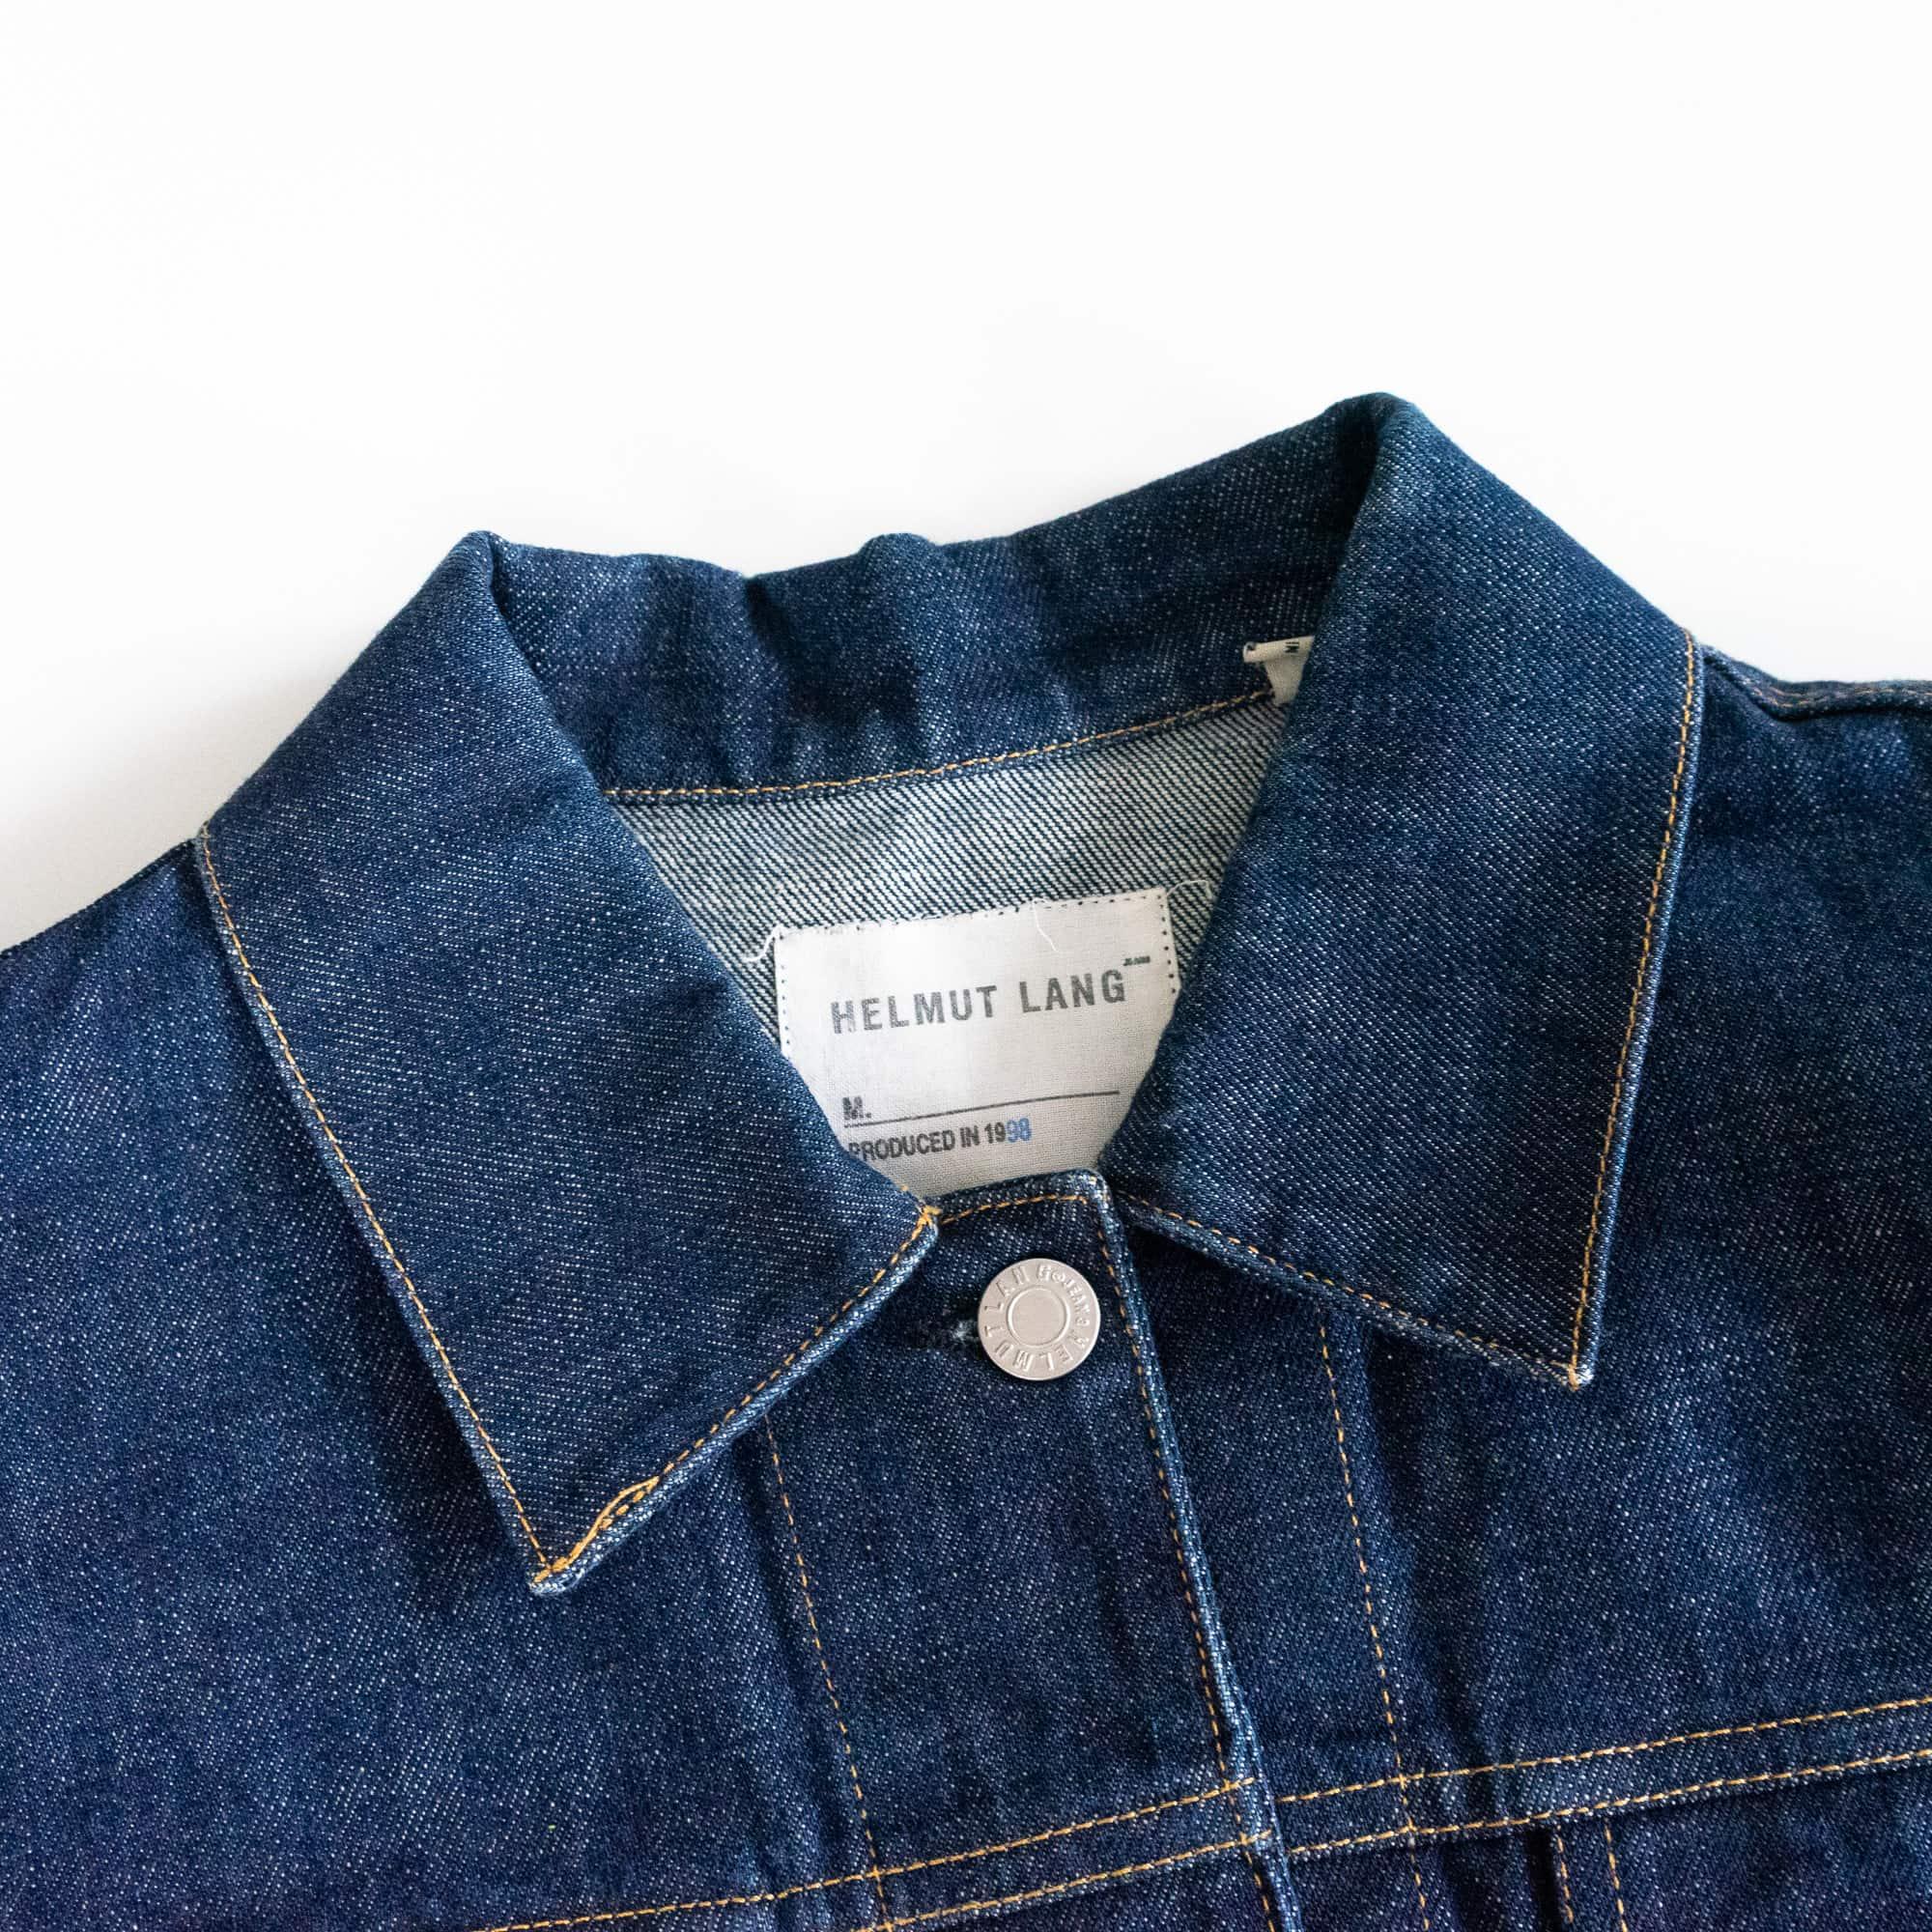 gebraucht kaufen Helmut Lang Vintage 1998 Archive Denim Jacke